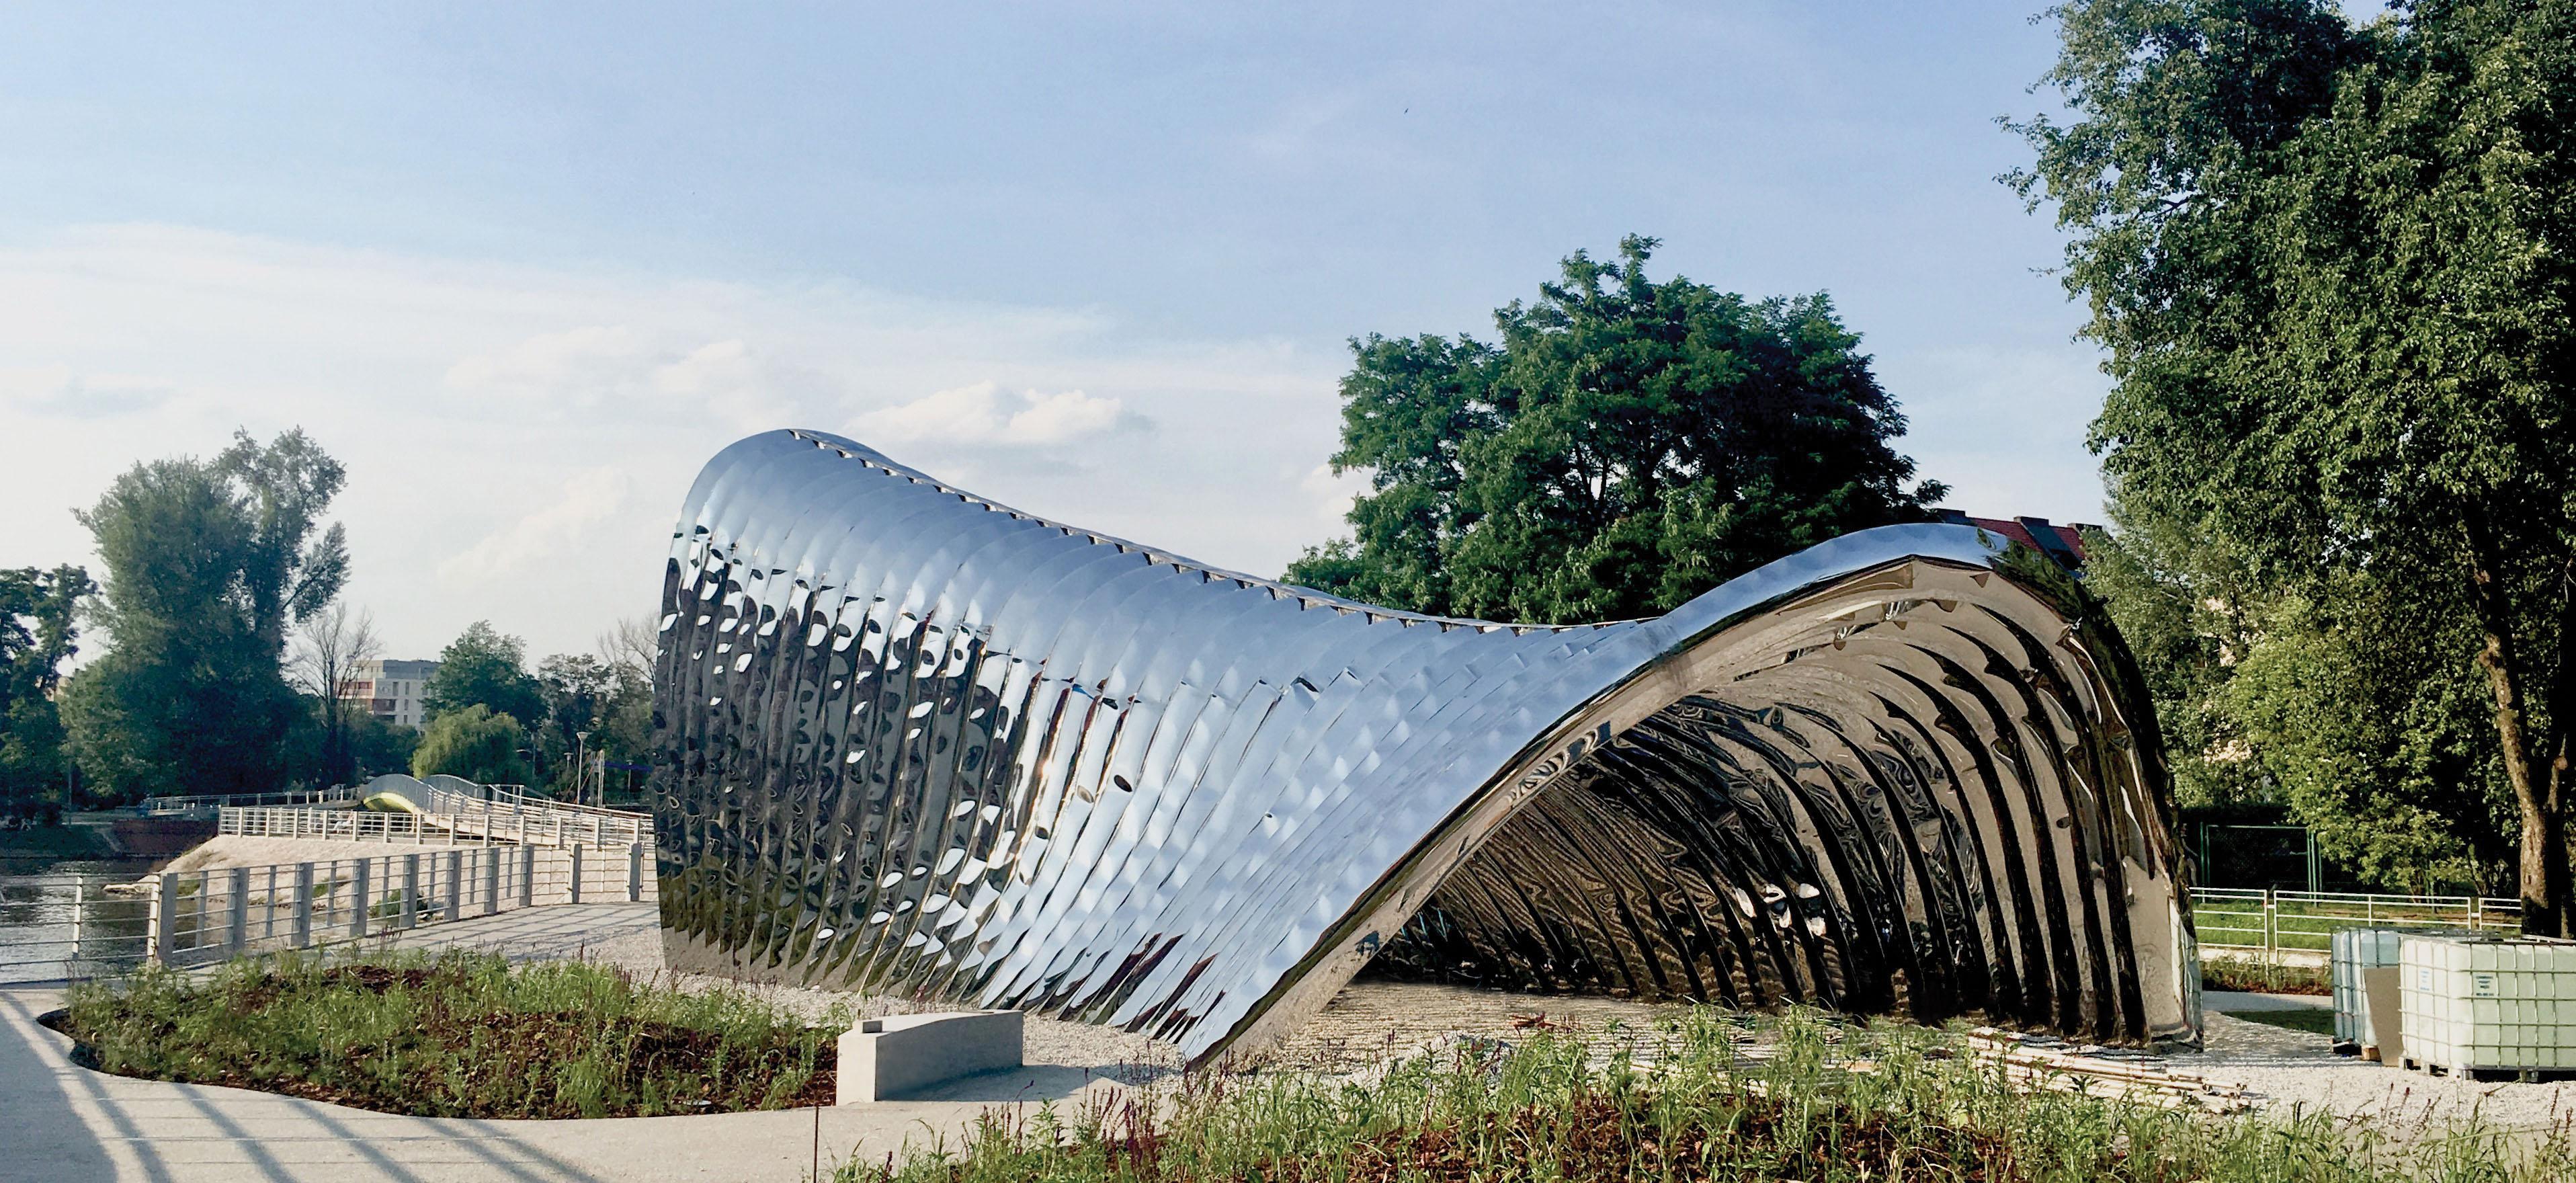 Oto NAWA! Ultralekka rzeźba Oskara Zięty odmieniła Wyspę Daliową